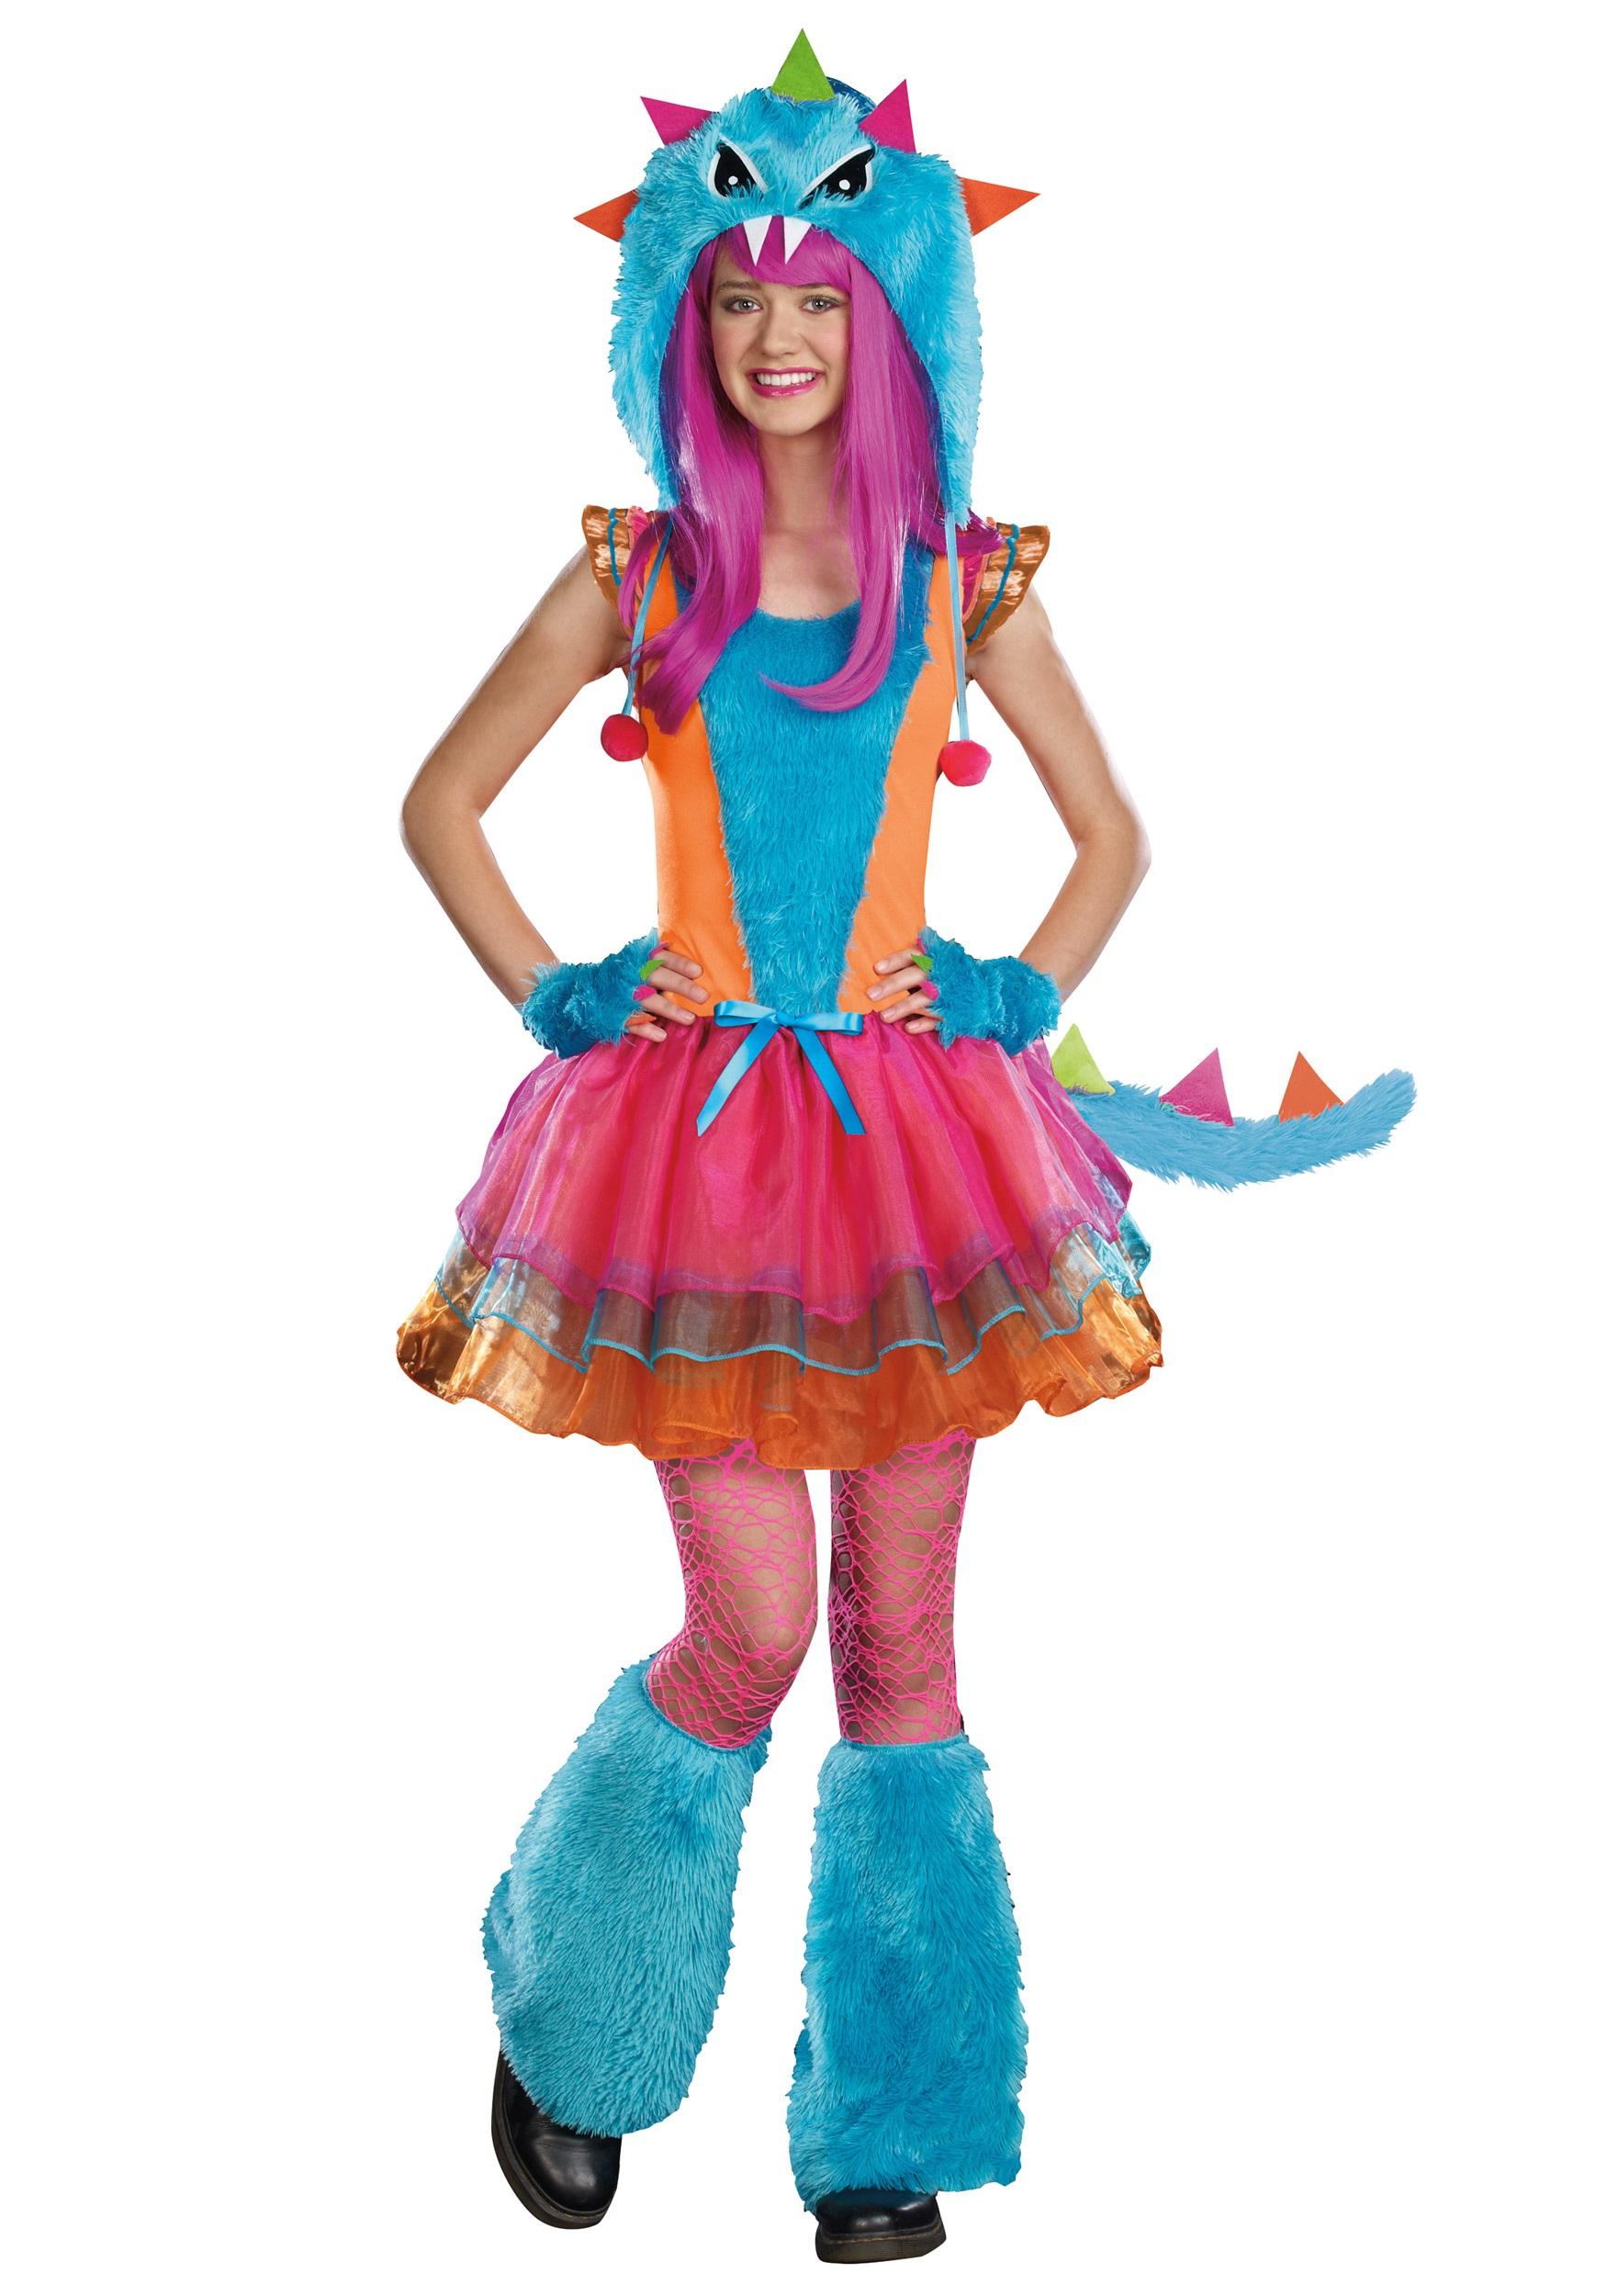 teen ferocious monster costume